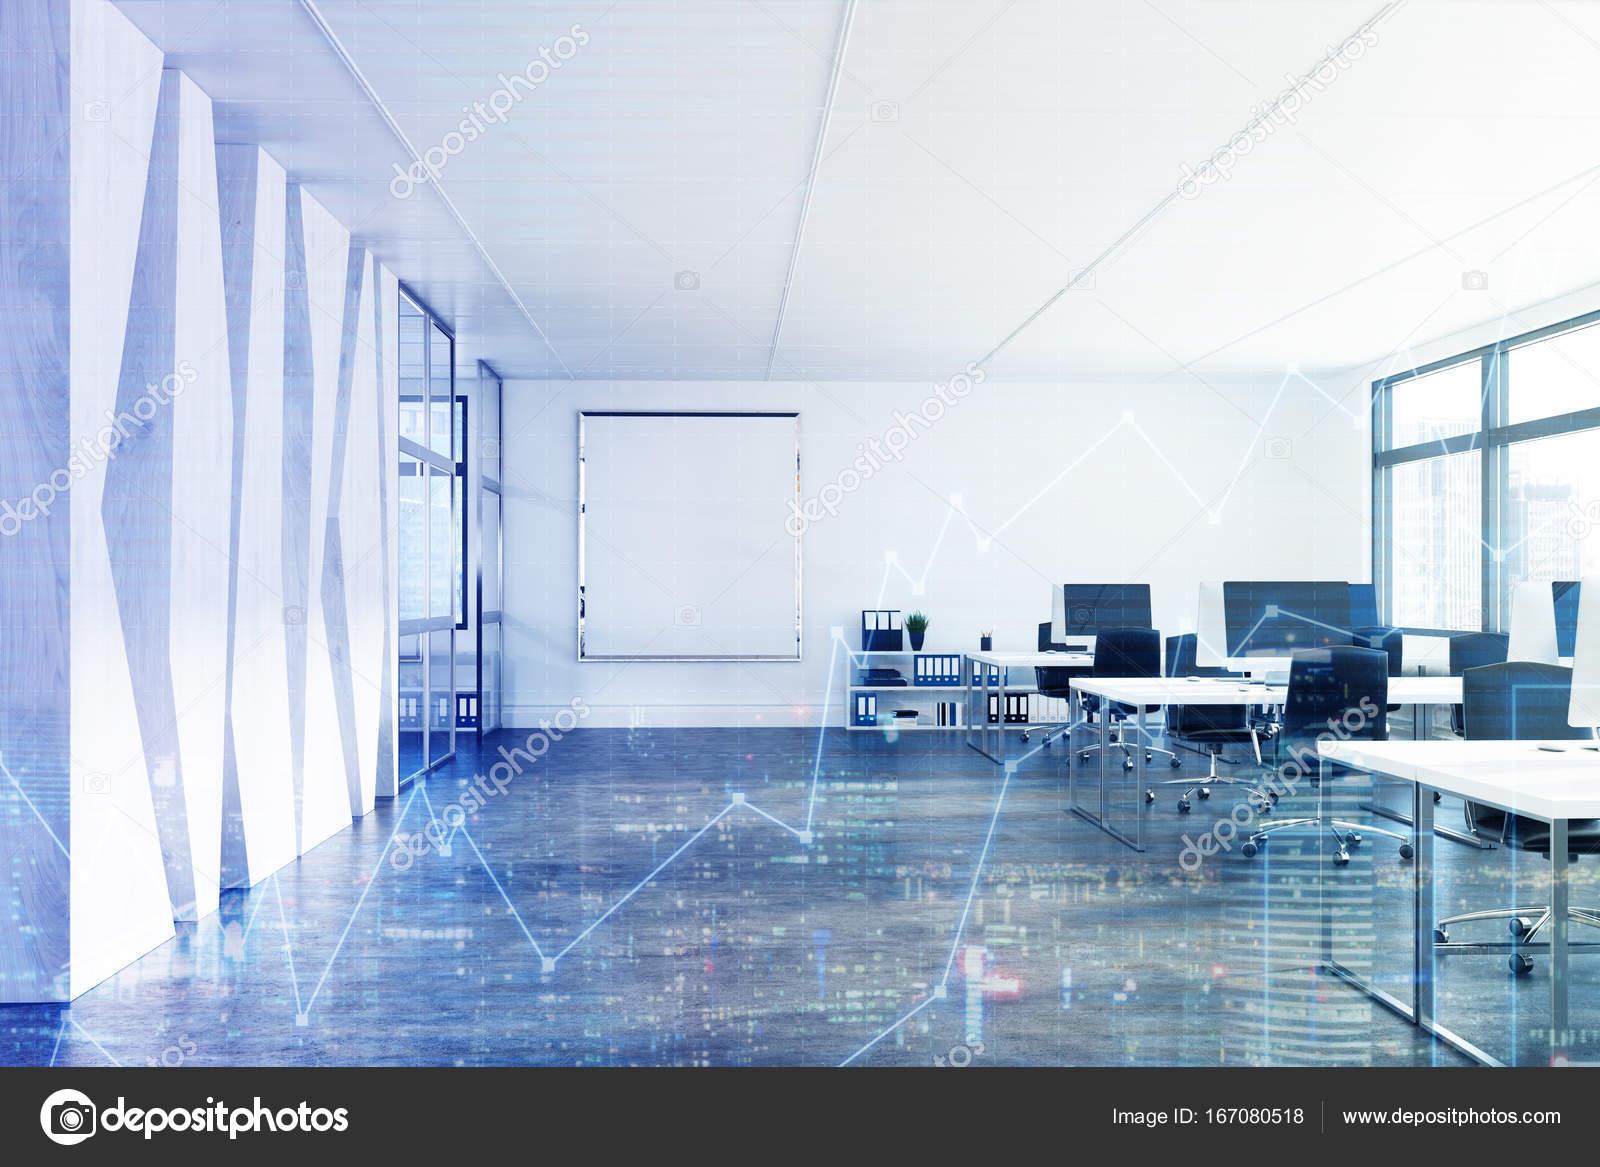 Ufficio Vetro E Legno : Vetro e legno aperto spazio ufficio poster tonica u foto stock